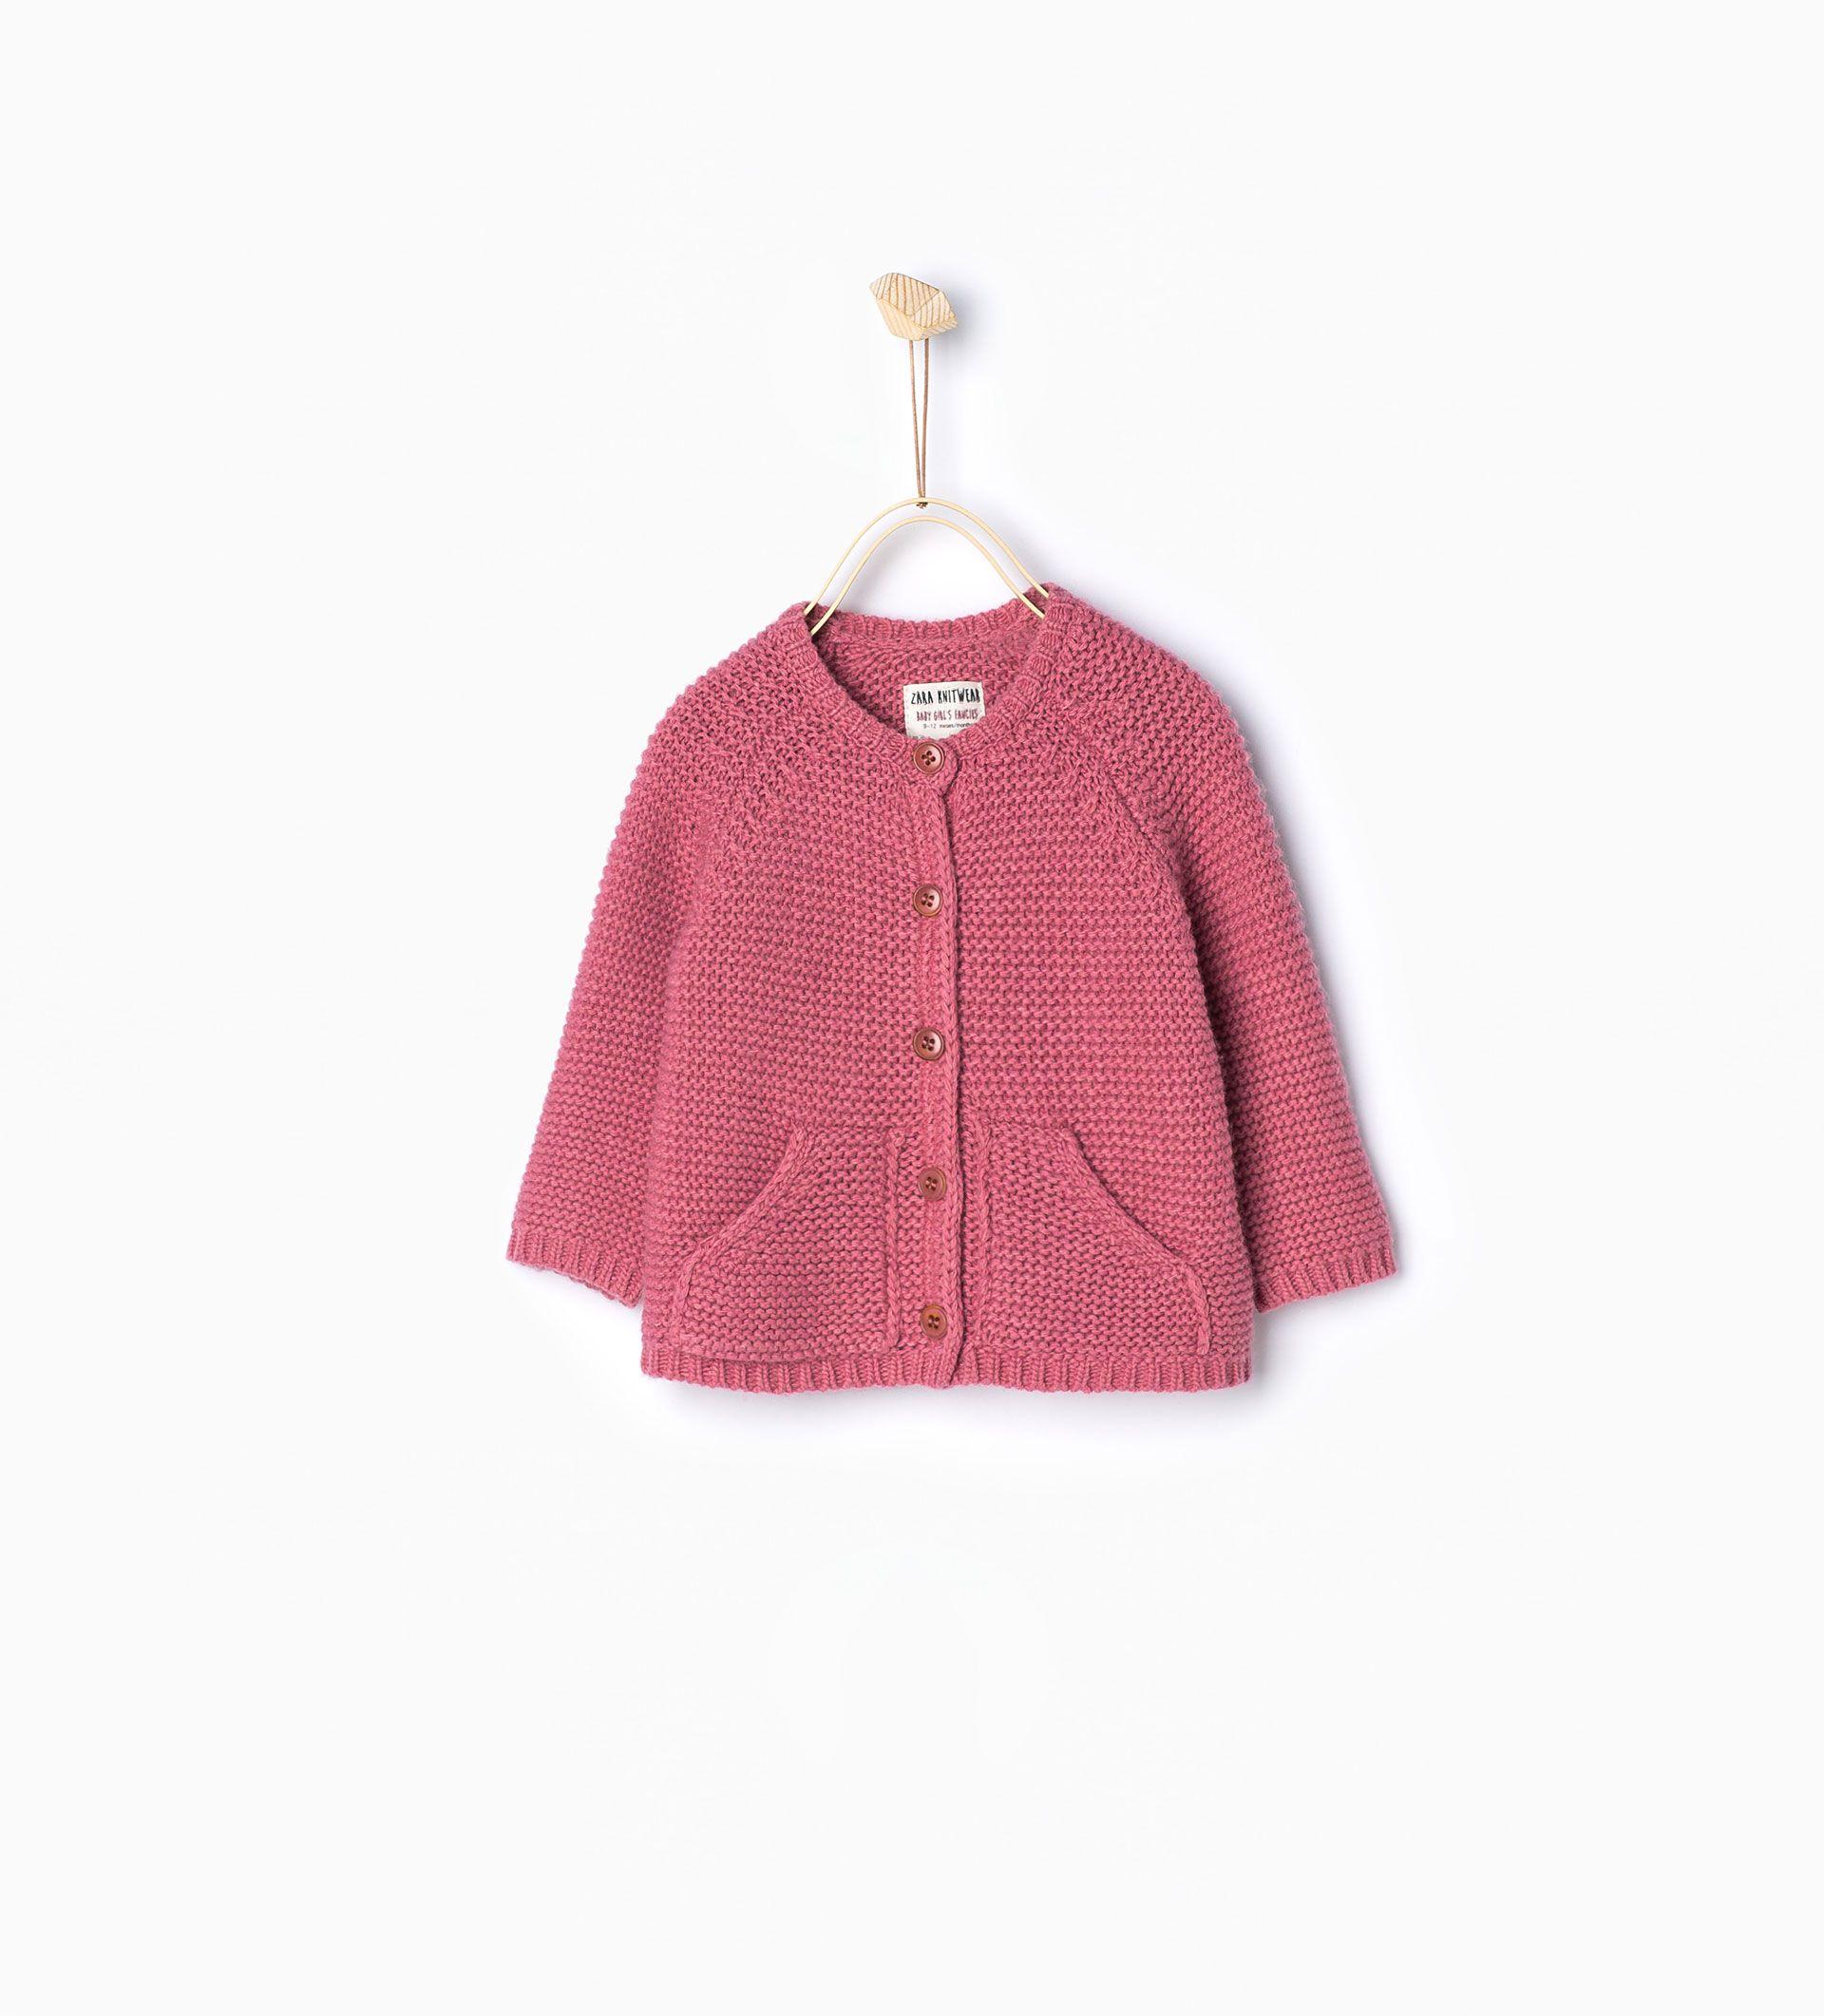 a19b0df6a Chaqueta punto bolsillos - Chaquetas y jerseys - Bebé niña | 3 meses - 4  años - NIÑOS | ZARA España